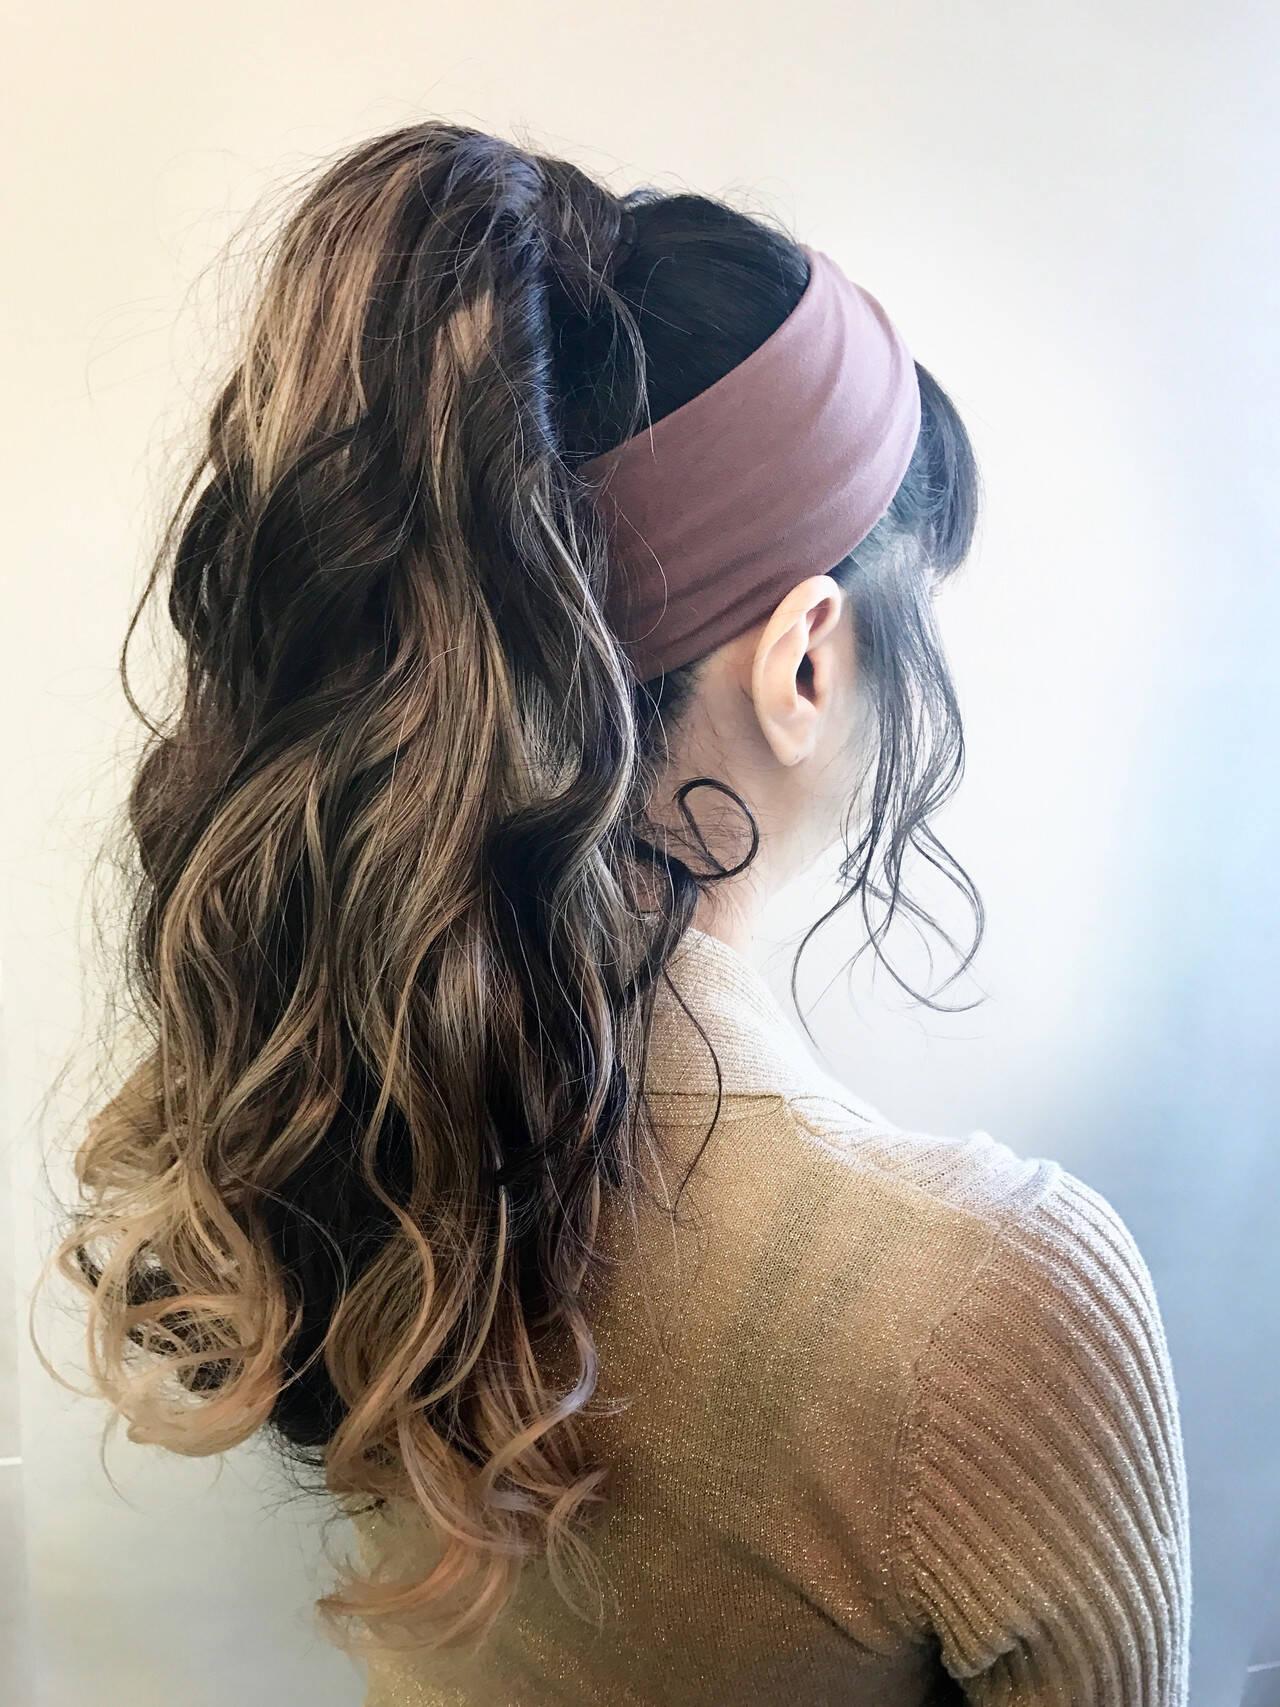 ヘアアレンジ セルフヘアアレンジ ガーリー ポニーテールアレンジヘアスタイルや髪型の写真・画像